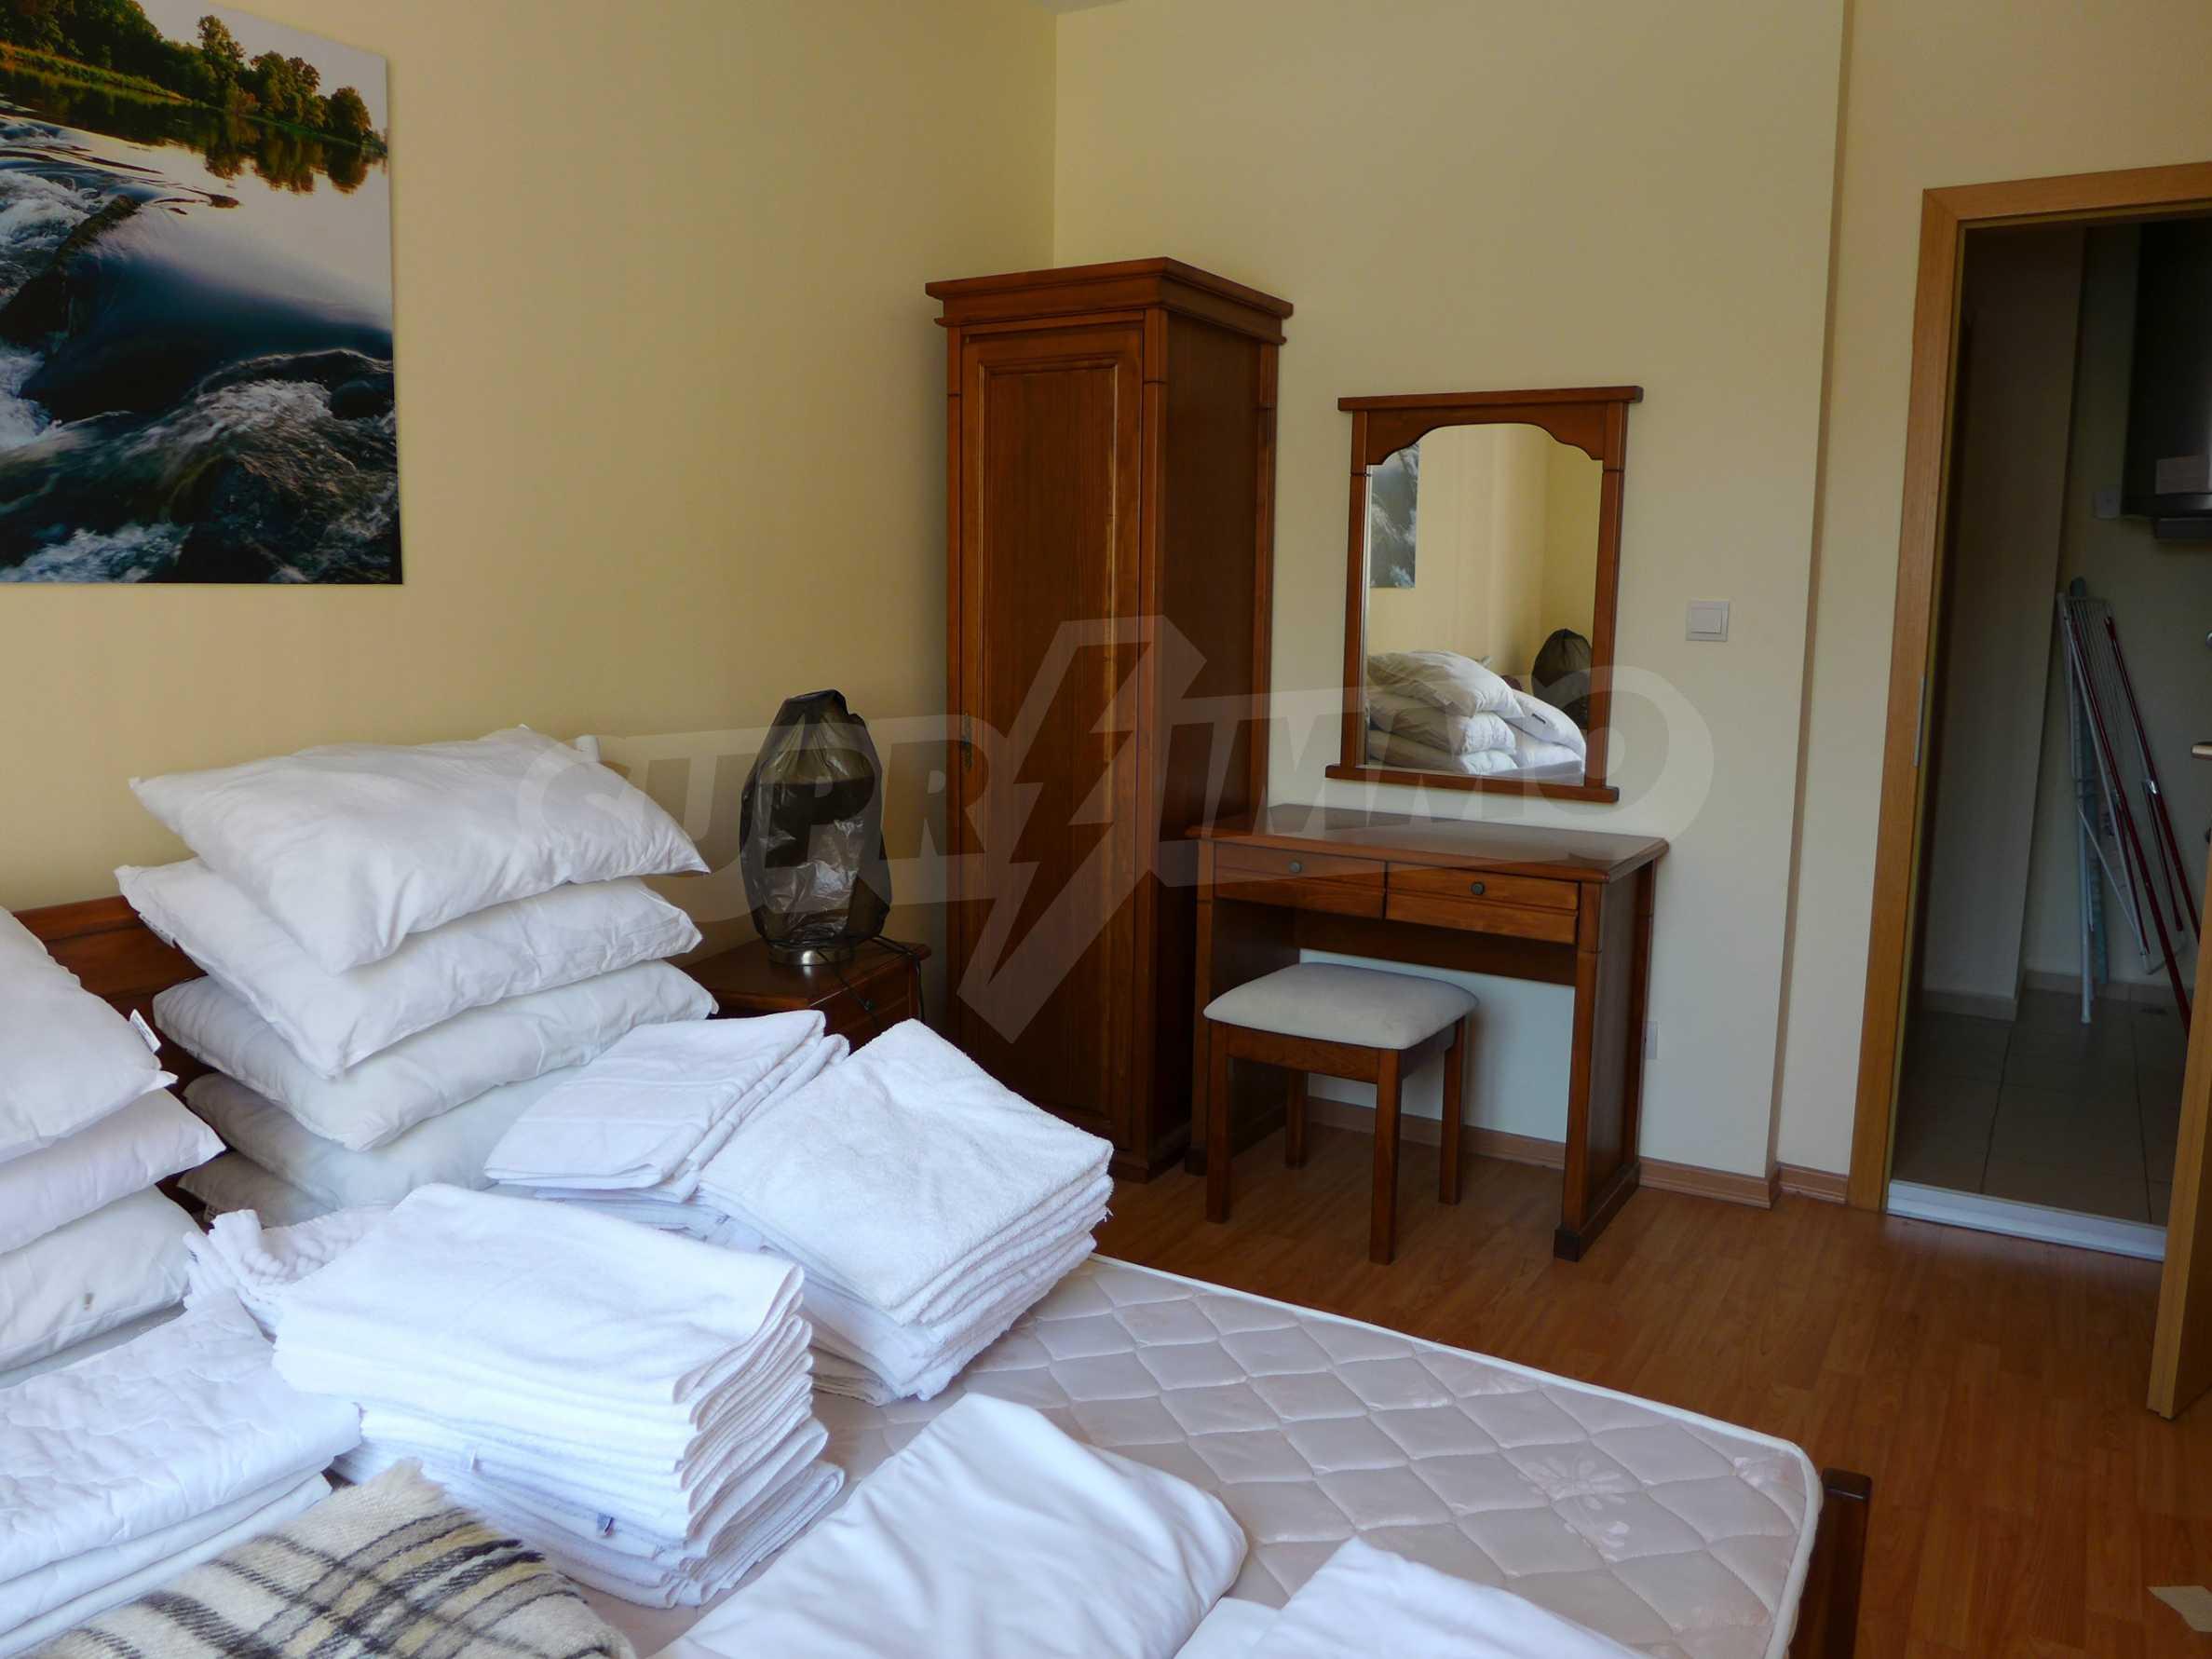 Schöne Wohnung mit zwei Schlafzimmern im Paradise Garden Complex 10